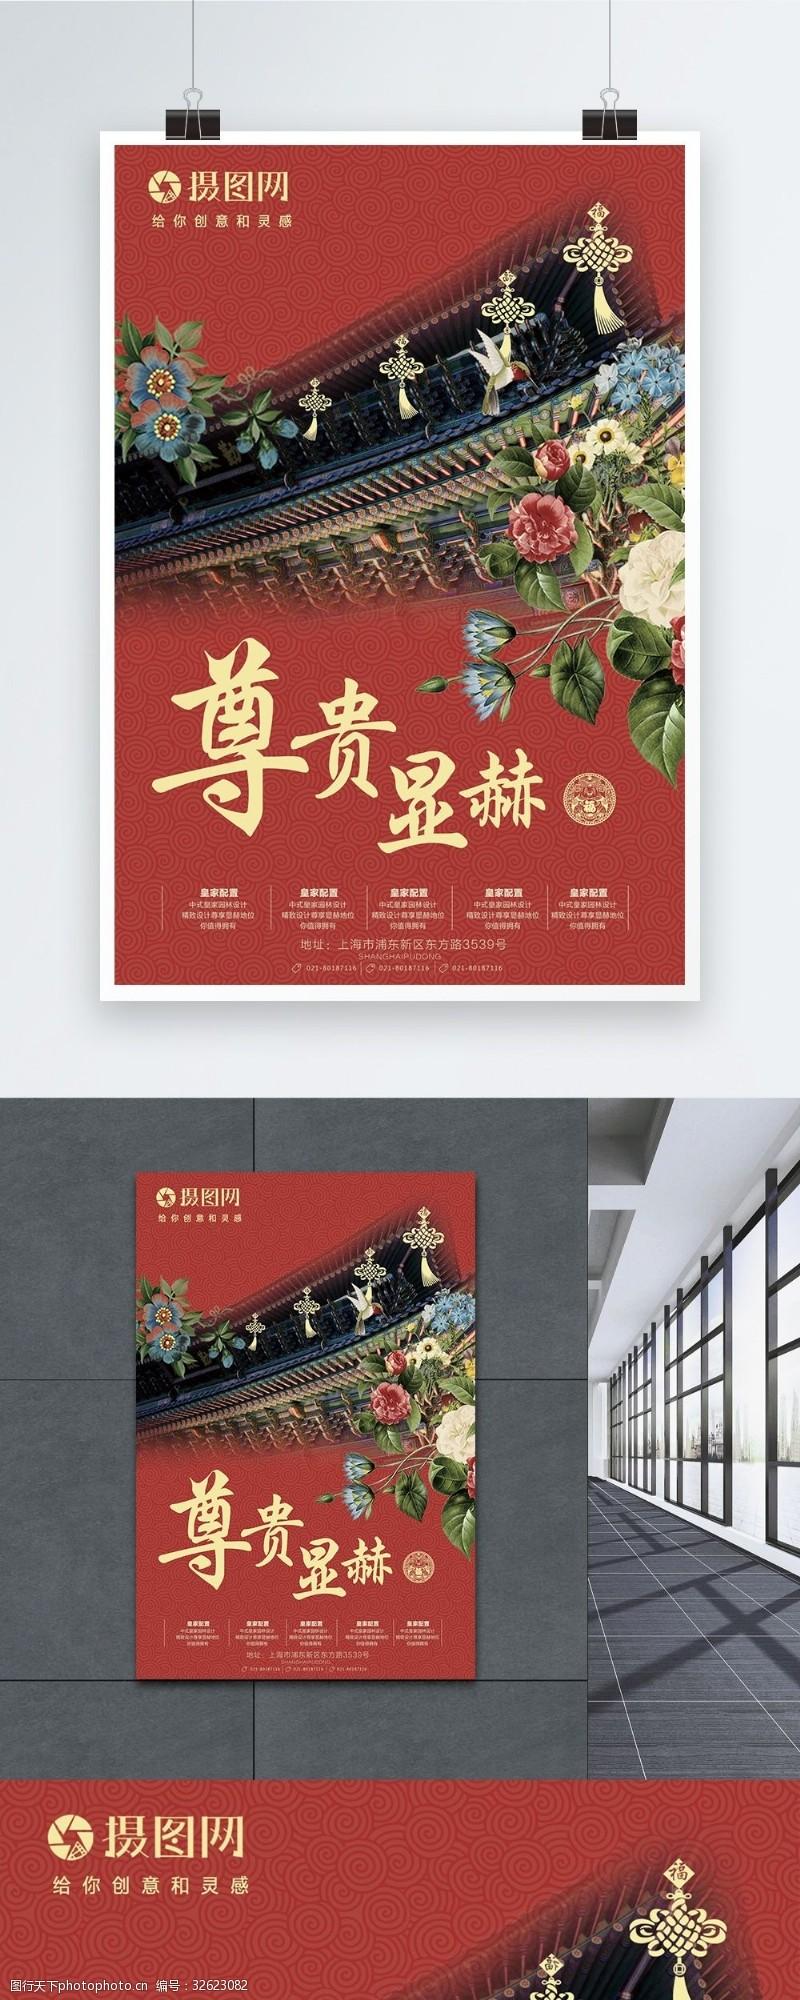 尊貴顯赫高端房地產海報設計